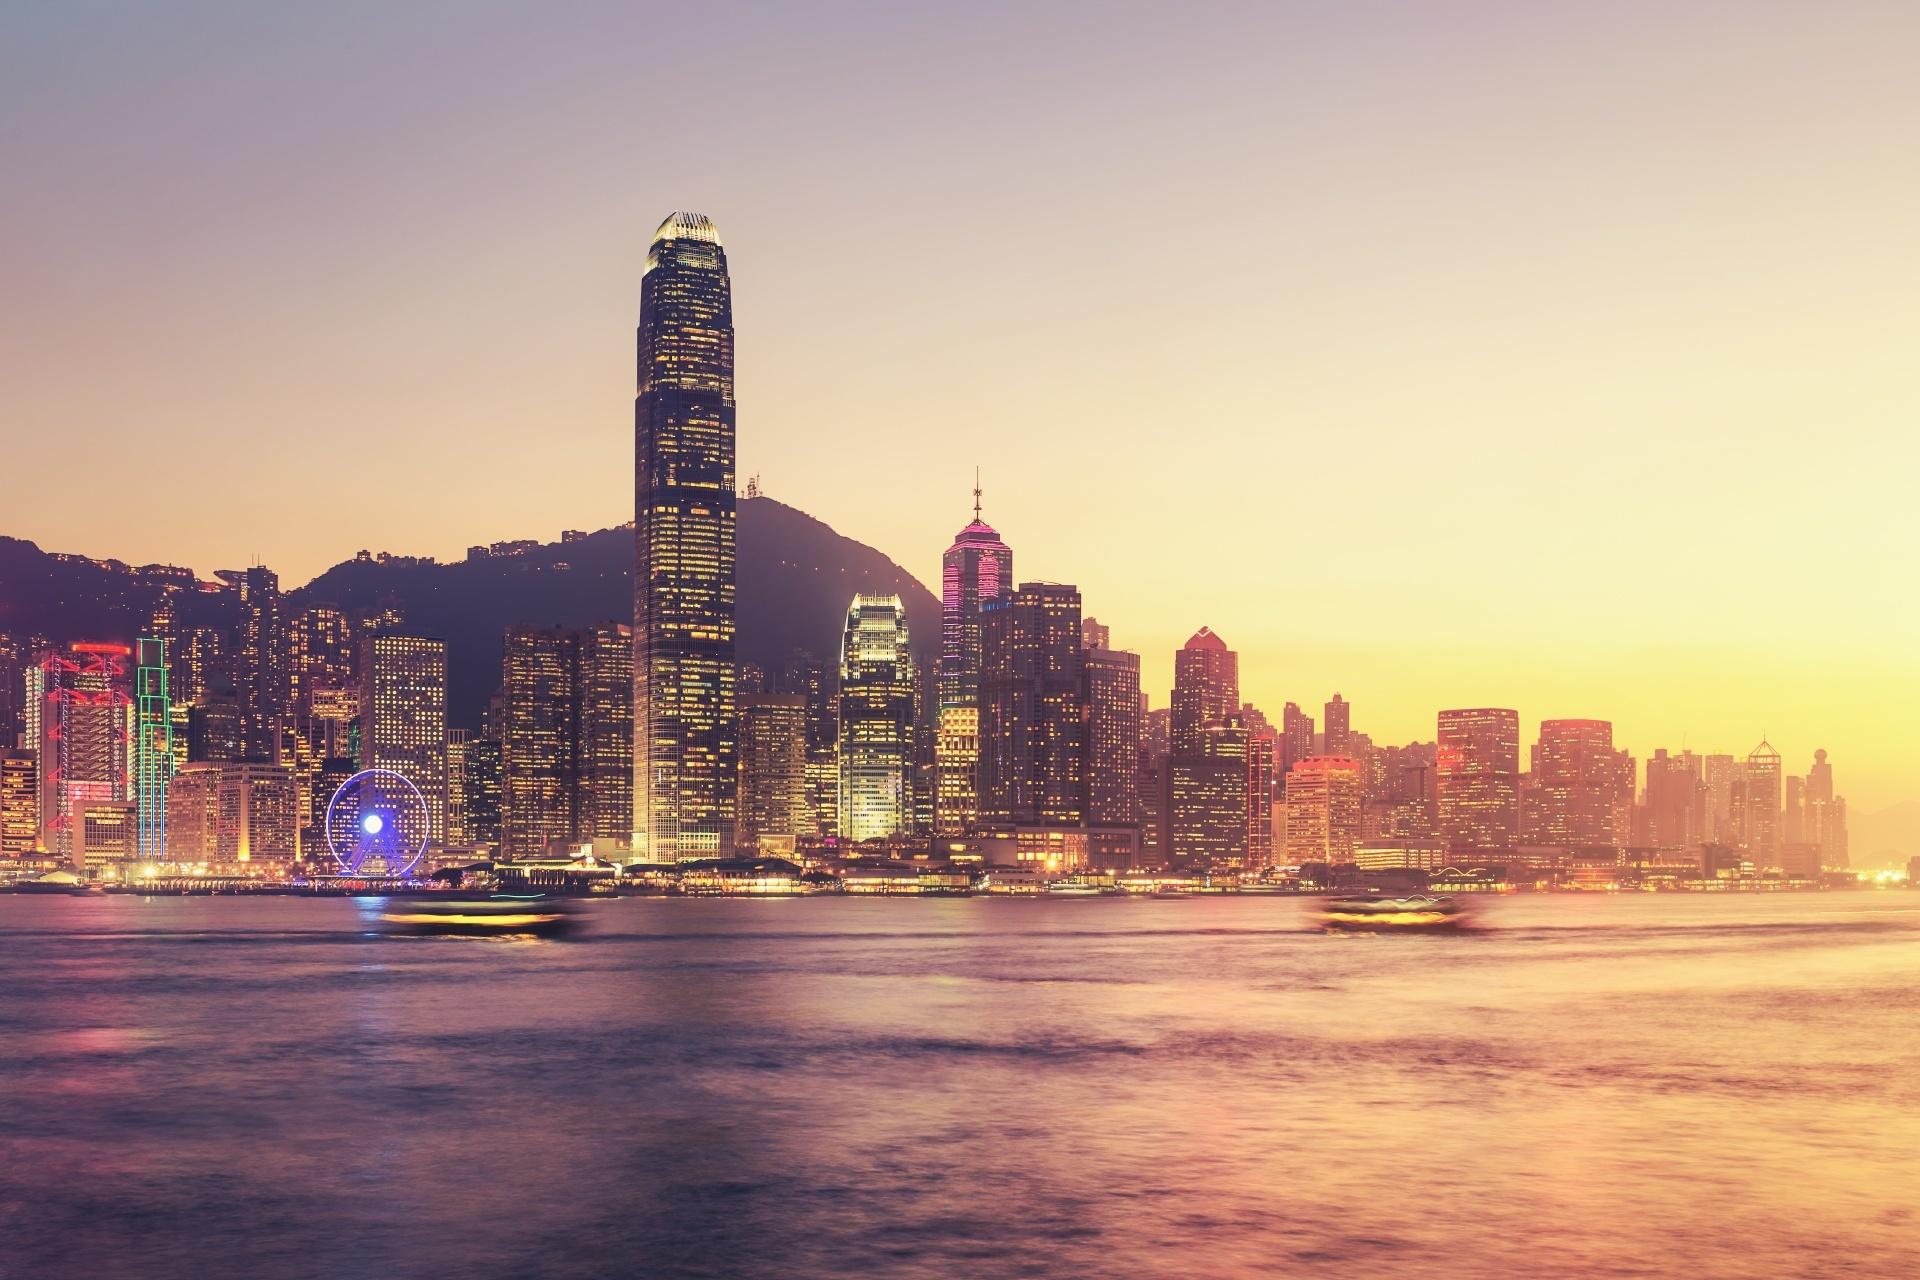 夕暮れ時の香港 ビクトリア港と香港の街並み 香港の風景